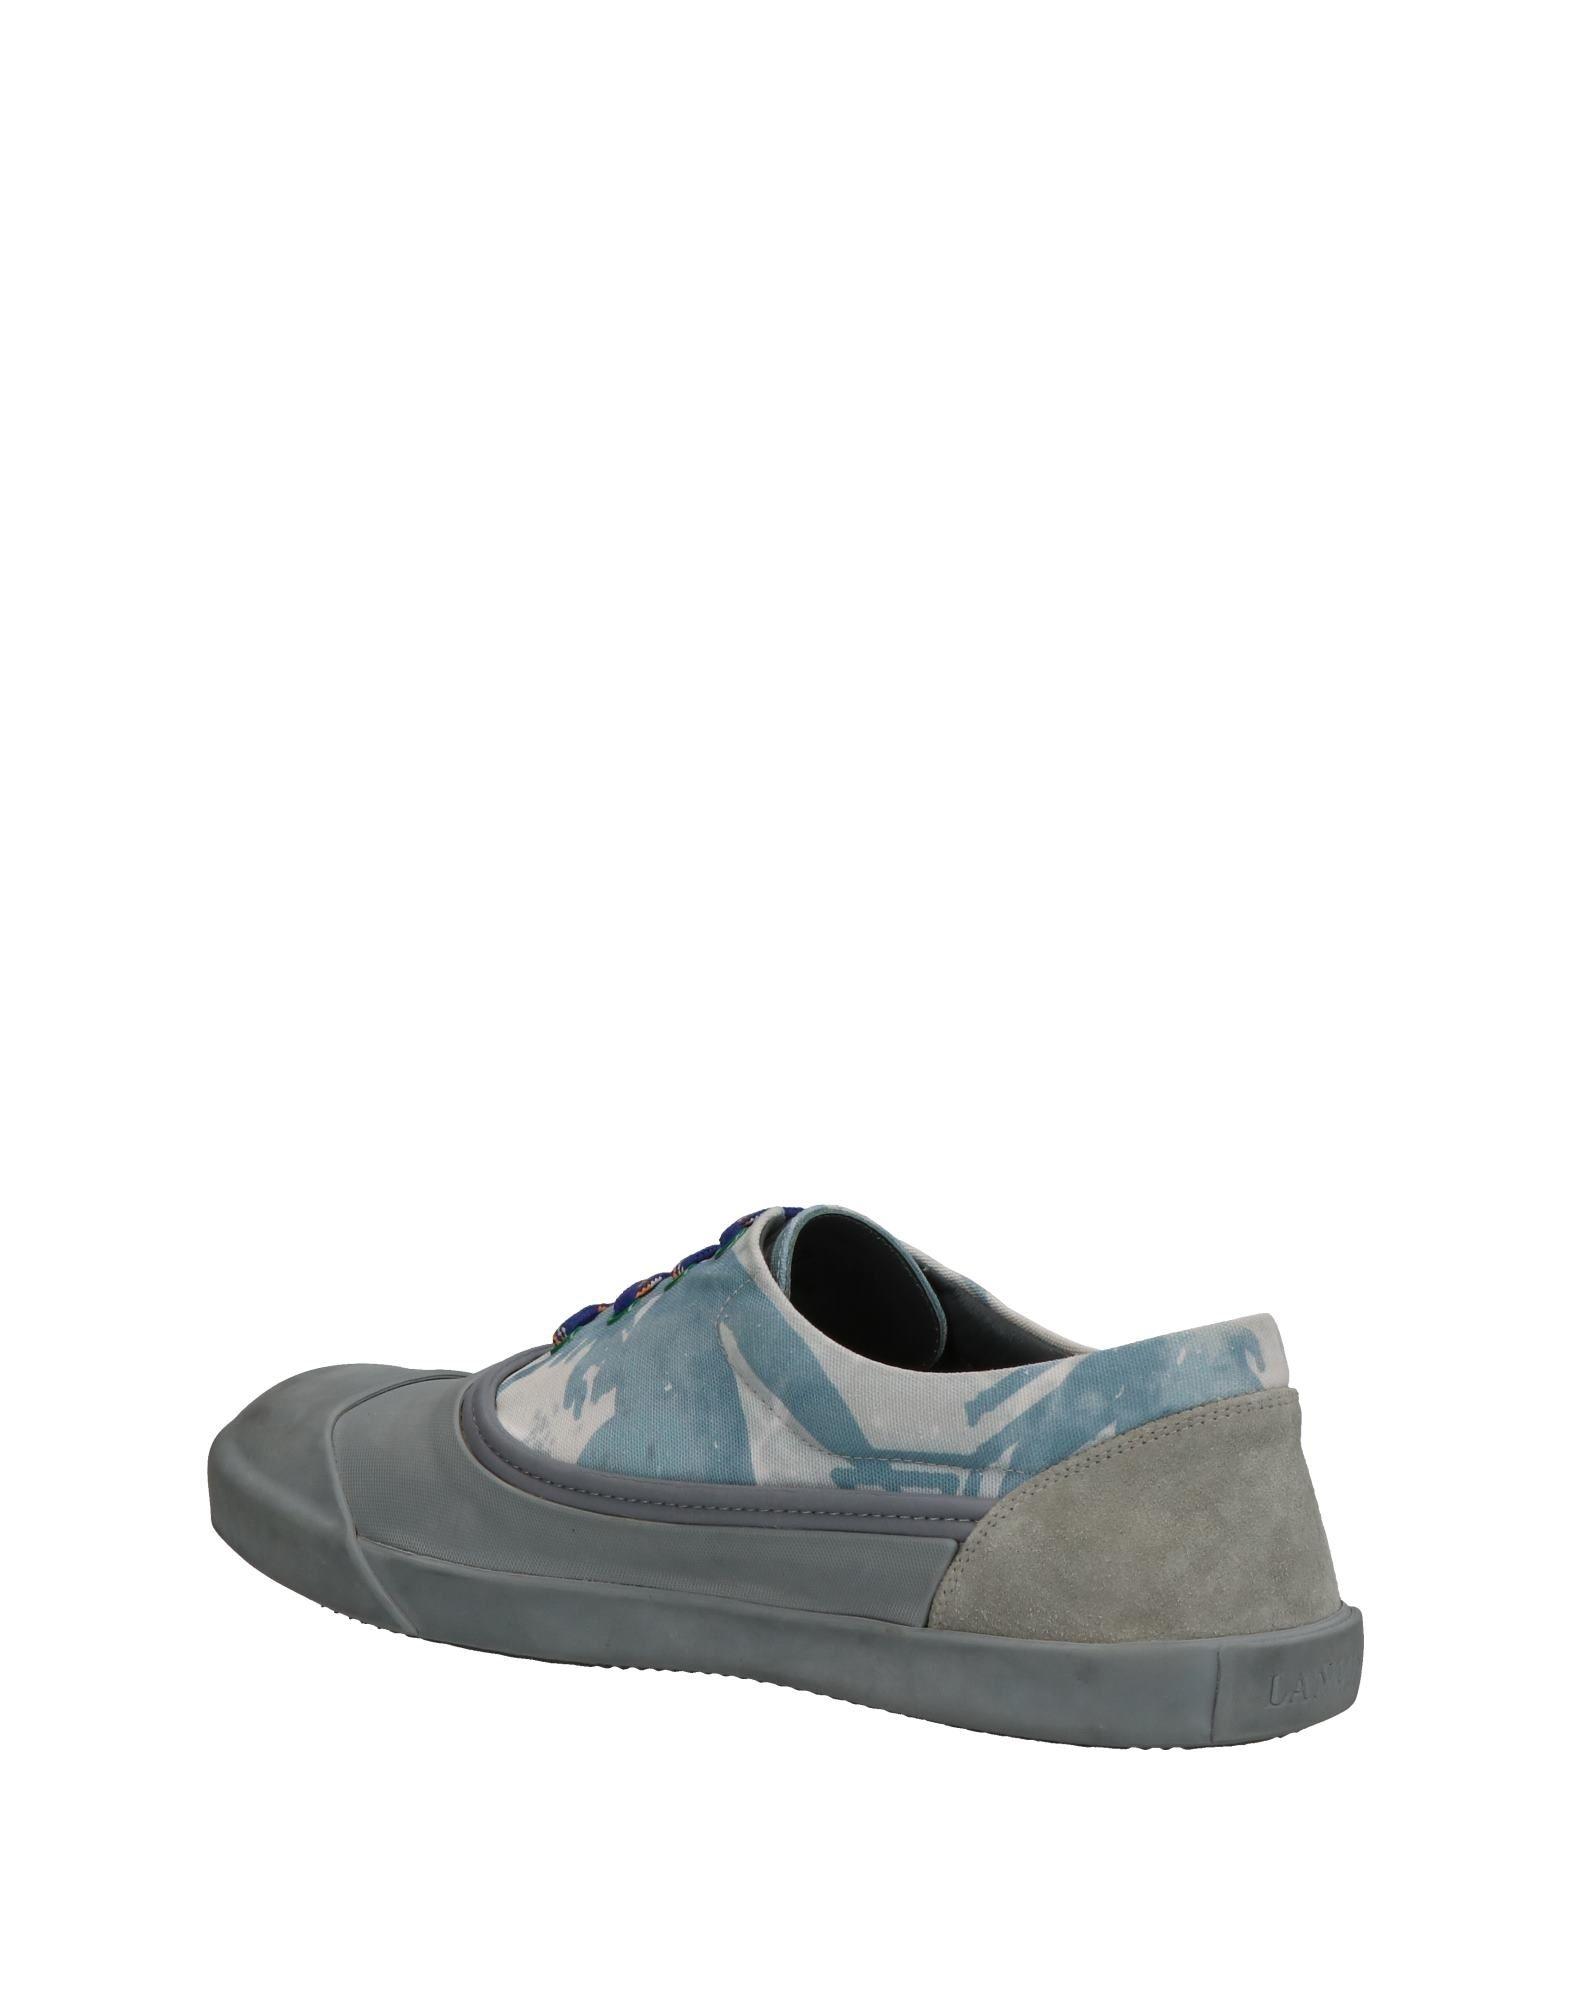 Lanvin Sneakers Herren  Schuhe 11327378LF Gute Qualität beliebte Schuhe  d2ba2e